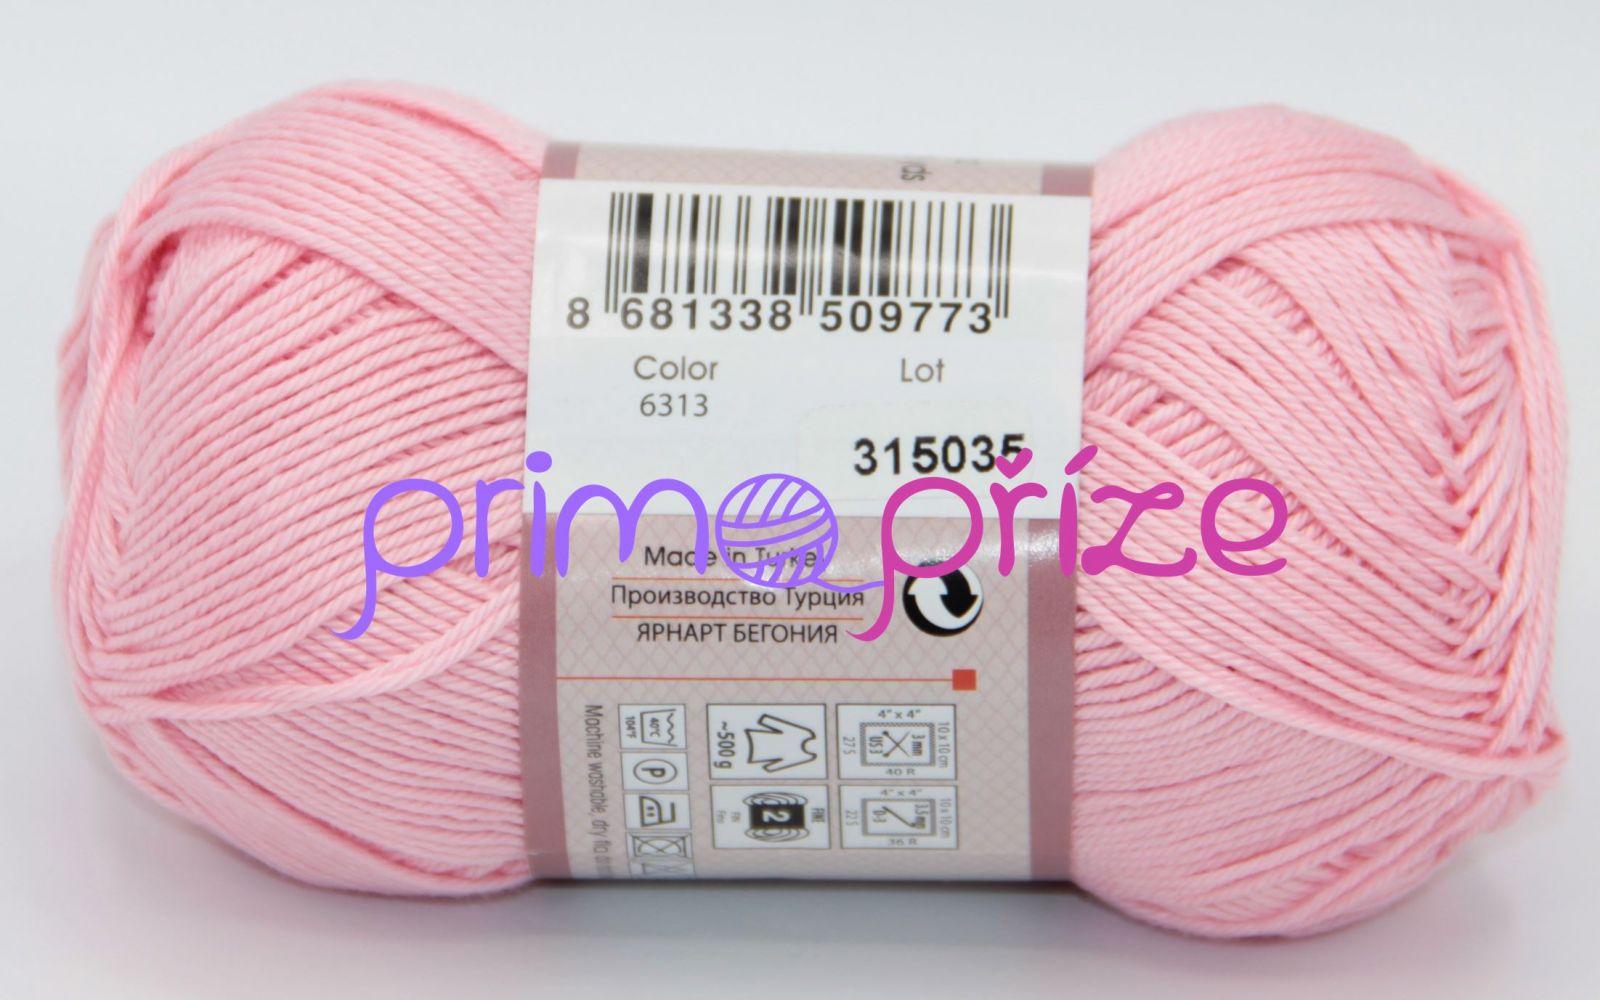 YarnArt Begonia 6313 světle růžová